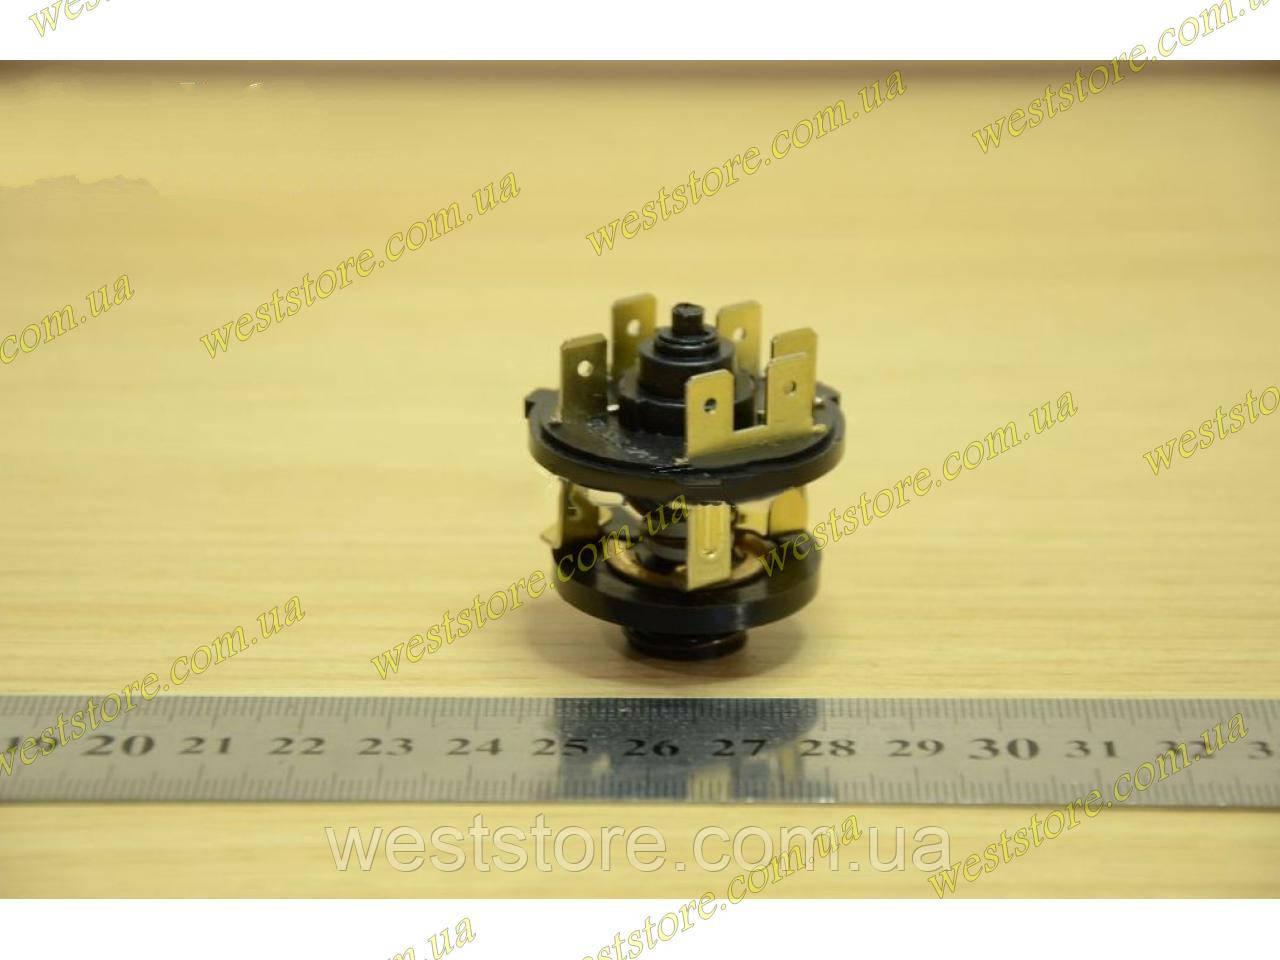 Контактная группа замка зажигания ваз 2101 2102 2103 2104 2105 2106 2107 (6 контактов)